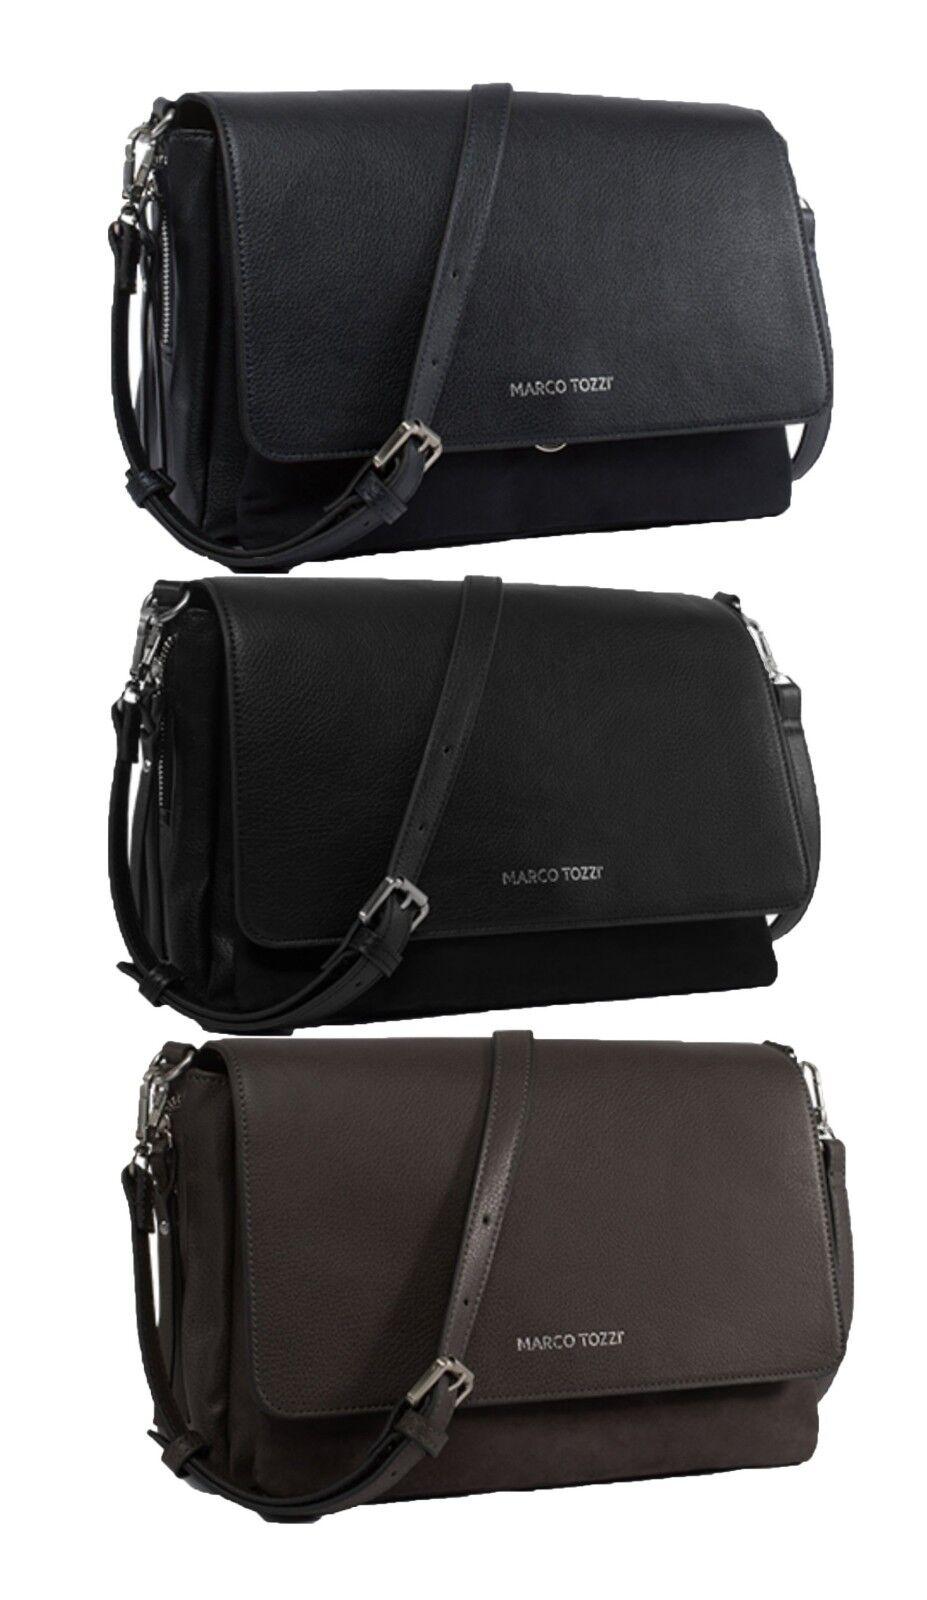 Marco Tozzi Handtasche Schultertasche Tasche schwarz braun grau 61110